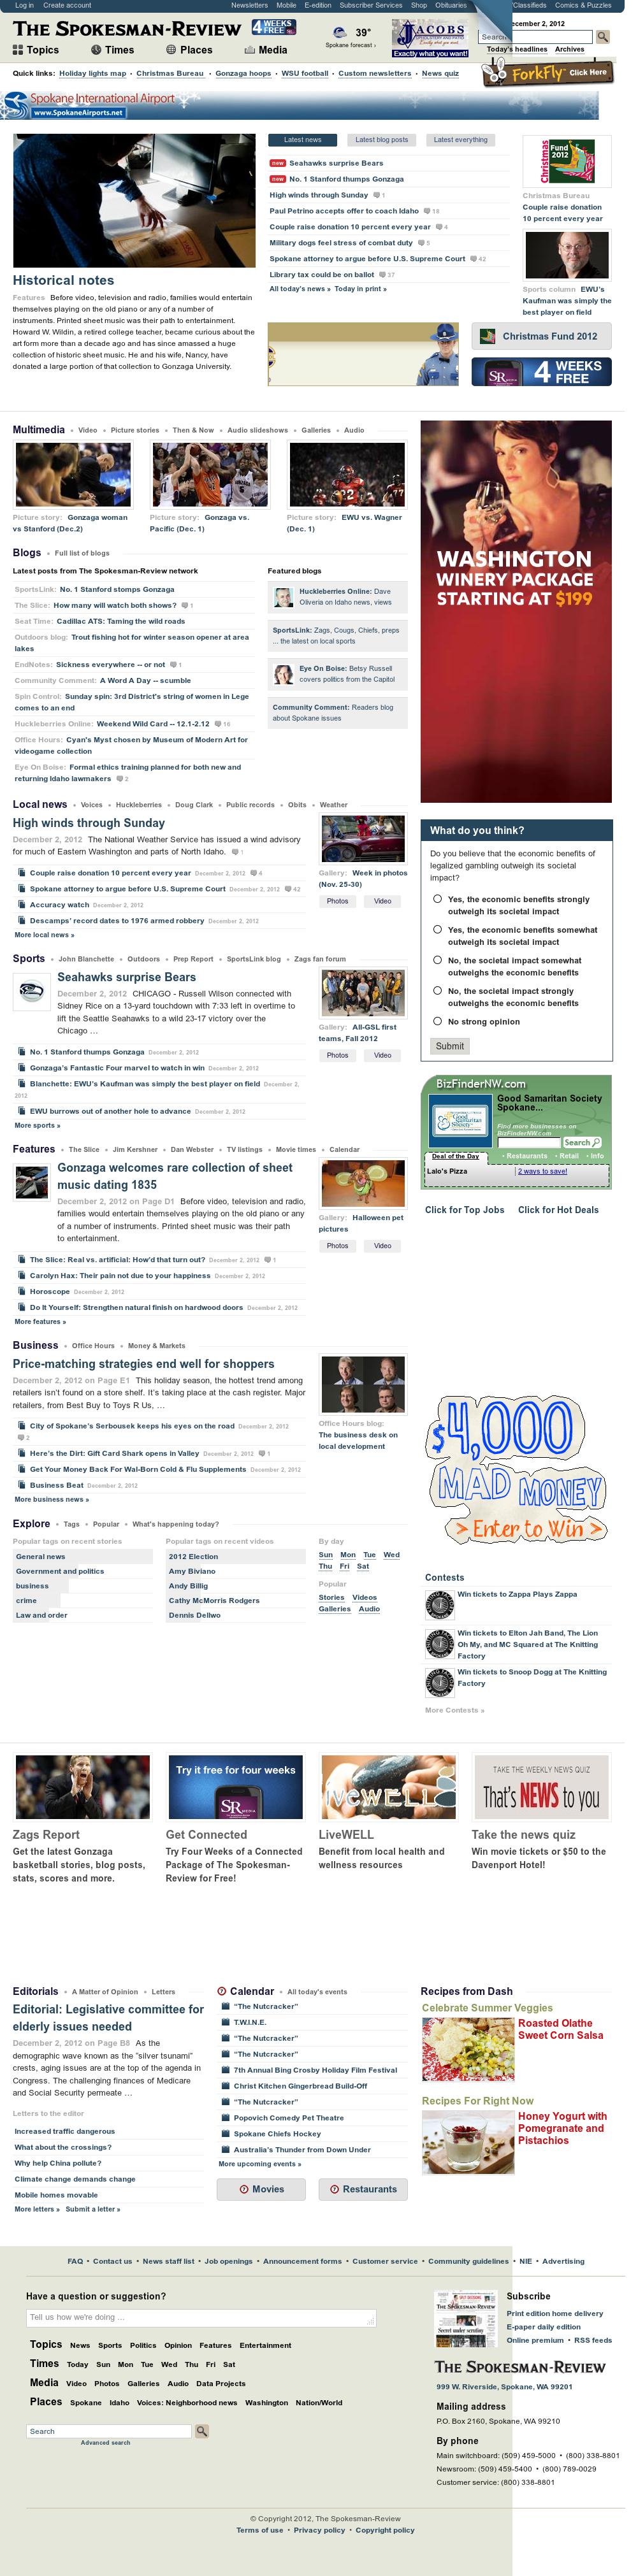 The (Spokane) Spokesman-Review at Monday Dec. 3, 2012, 4:30 a.m. UTC